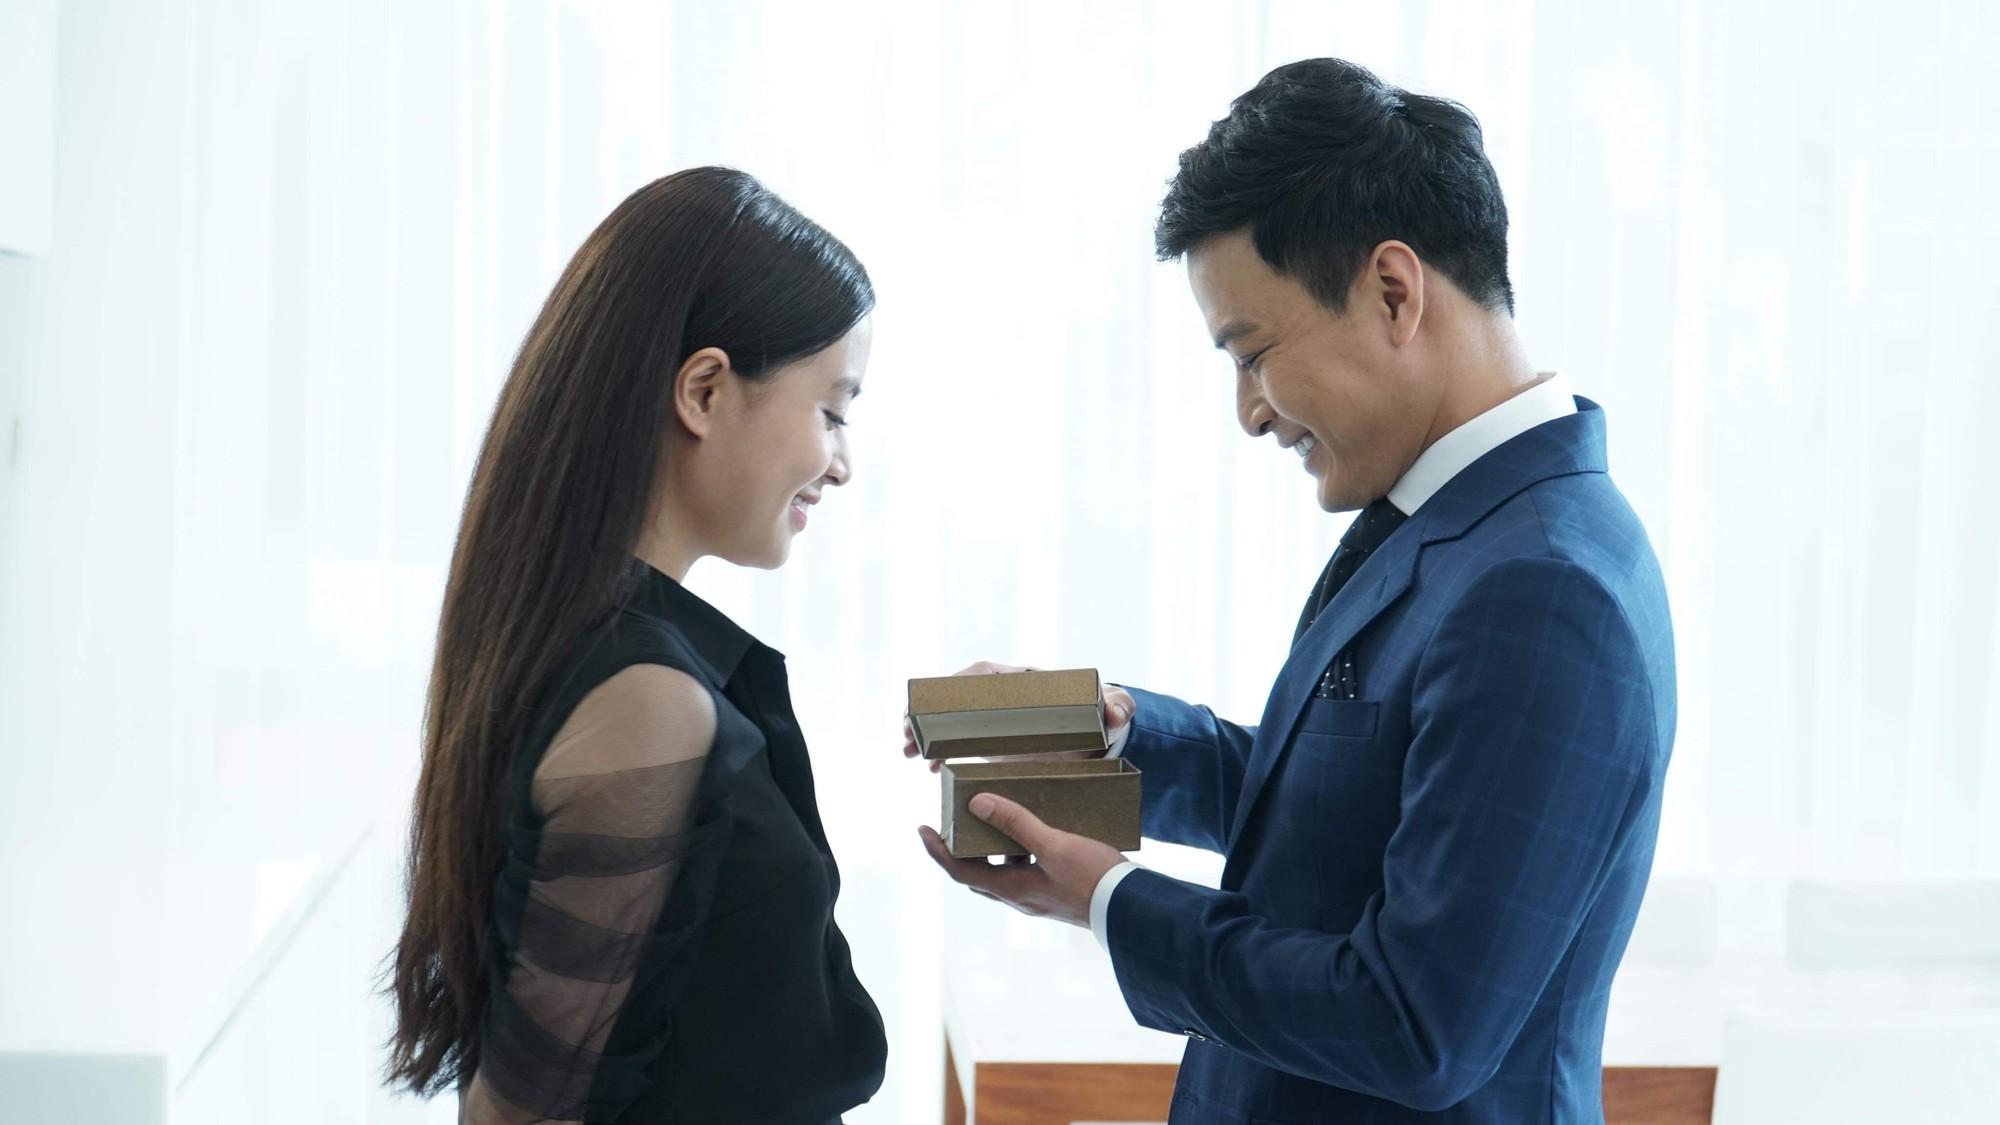 Hoàng Thùy Linh: Mê cung lớn nhất cuộc đời là giải mã chính mình  - Ảnh 2.